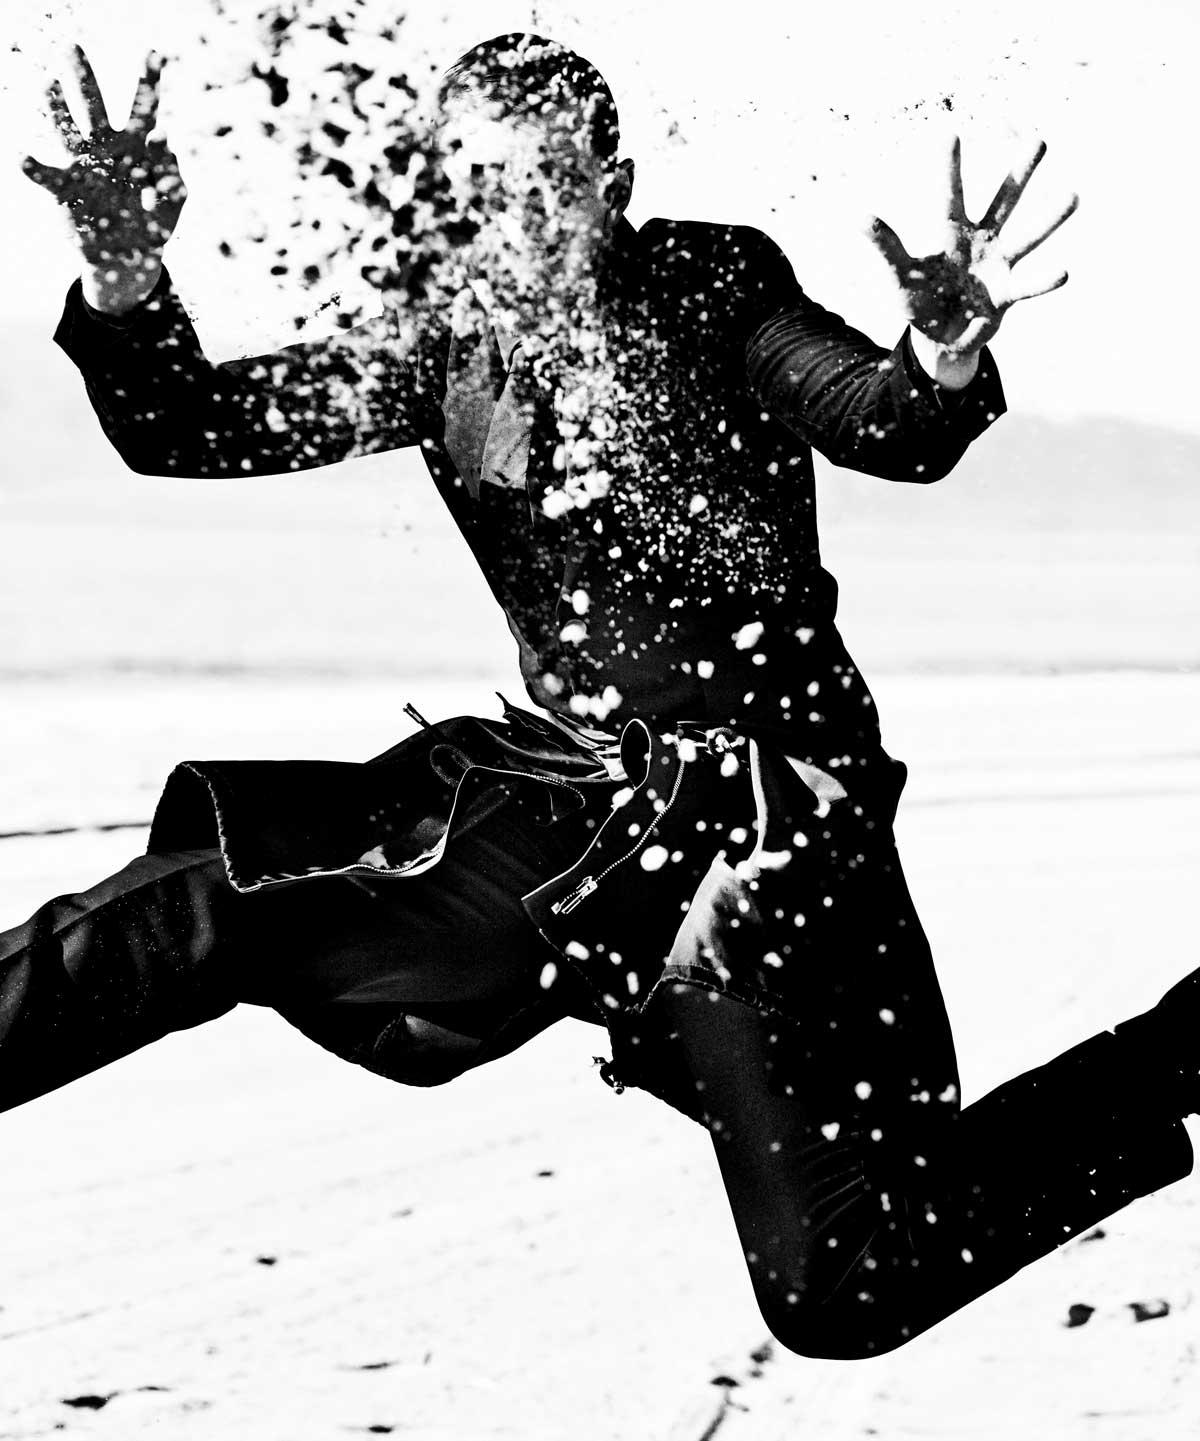 Mario Testino, Fotograf, Fotografie, Taschen, Taschen Store, Bücher, Sir, Undressed, Signierstunde, Event Tipp